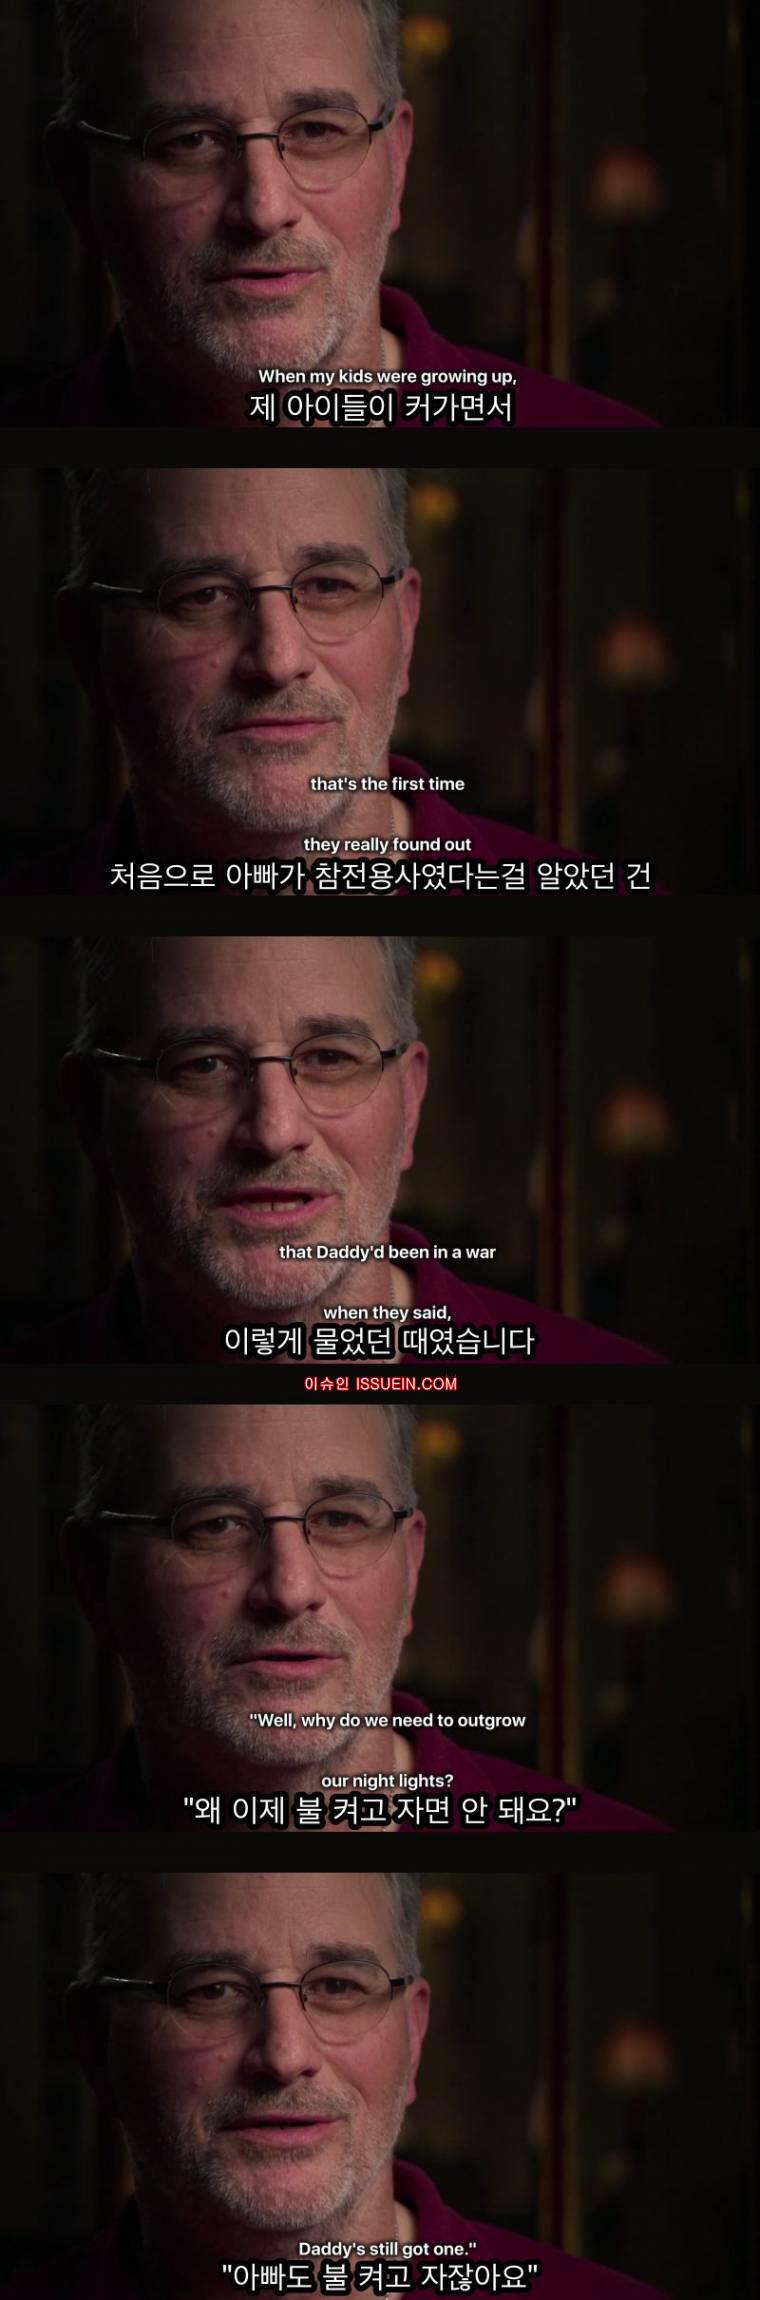 베트남전 참전 군인 이야기2.jp